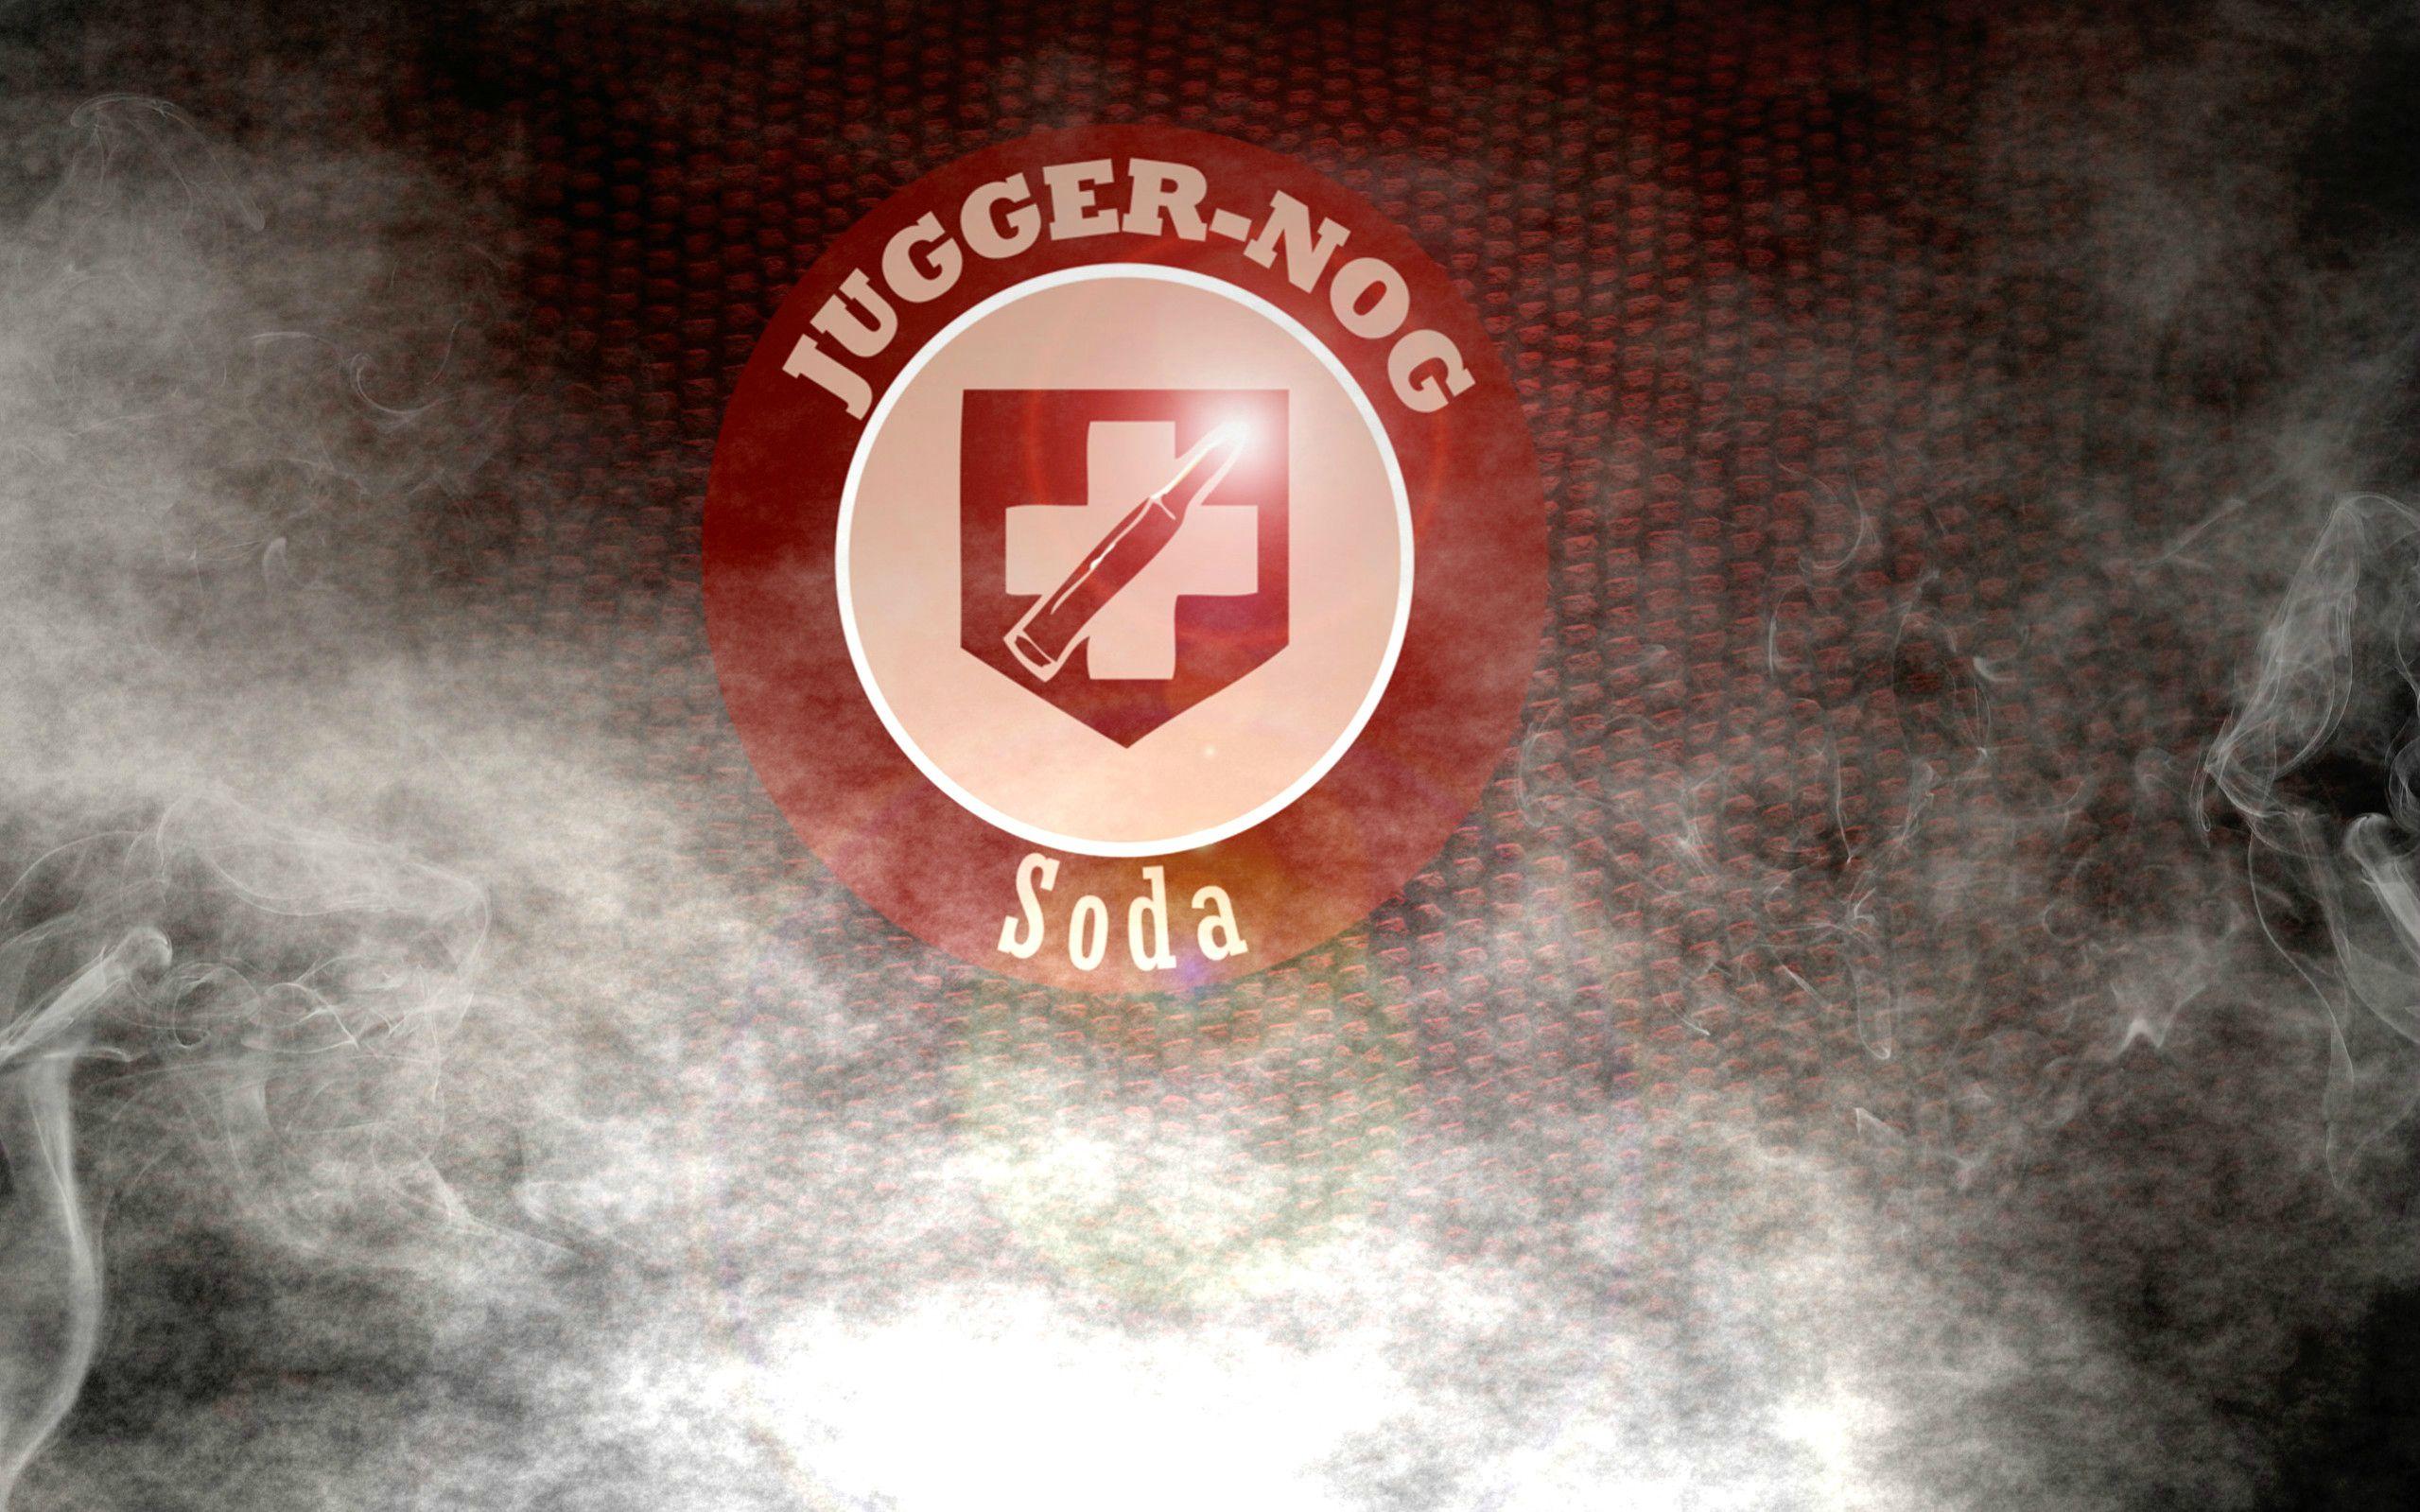 Juggernog background wallpapers 2559x1599